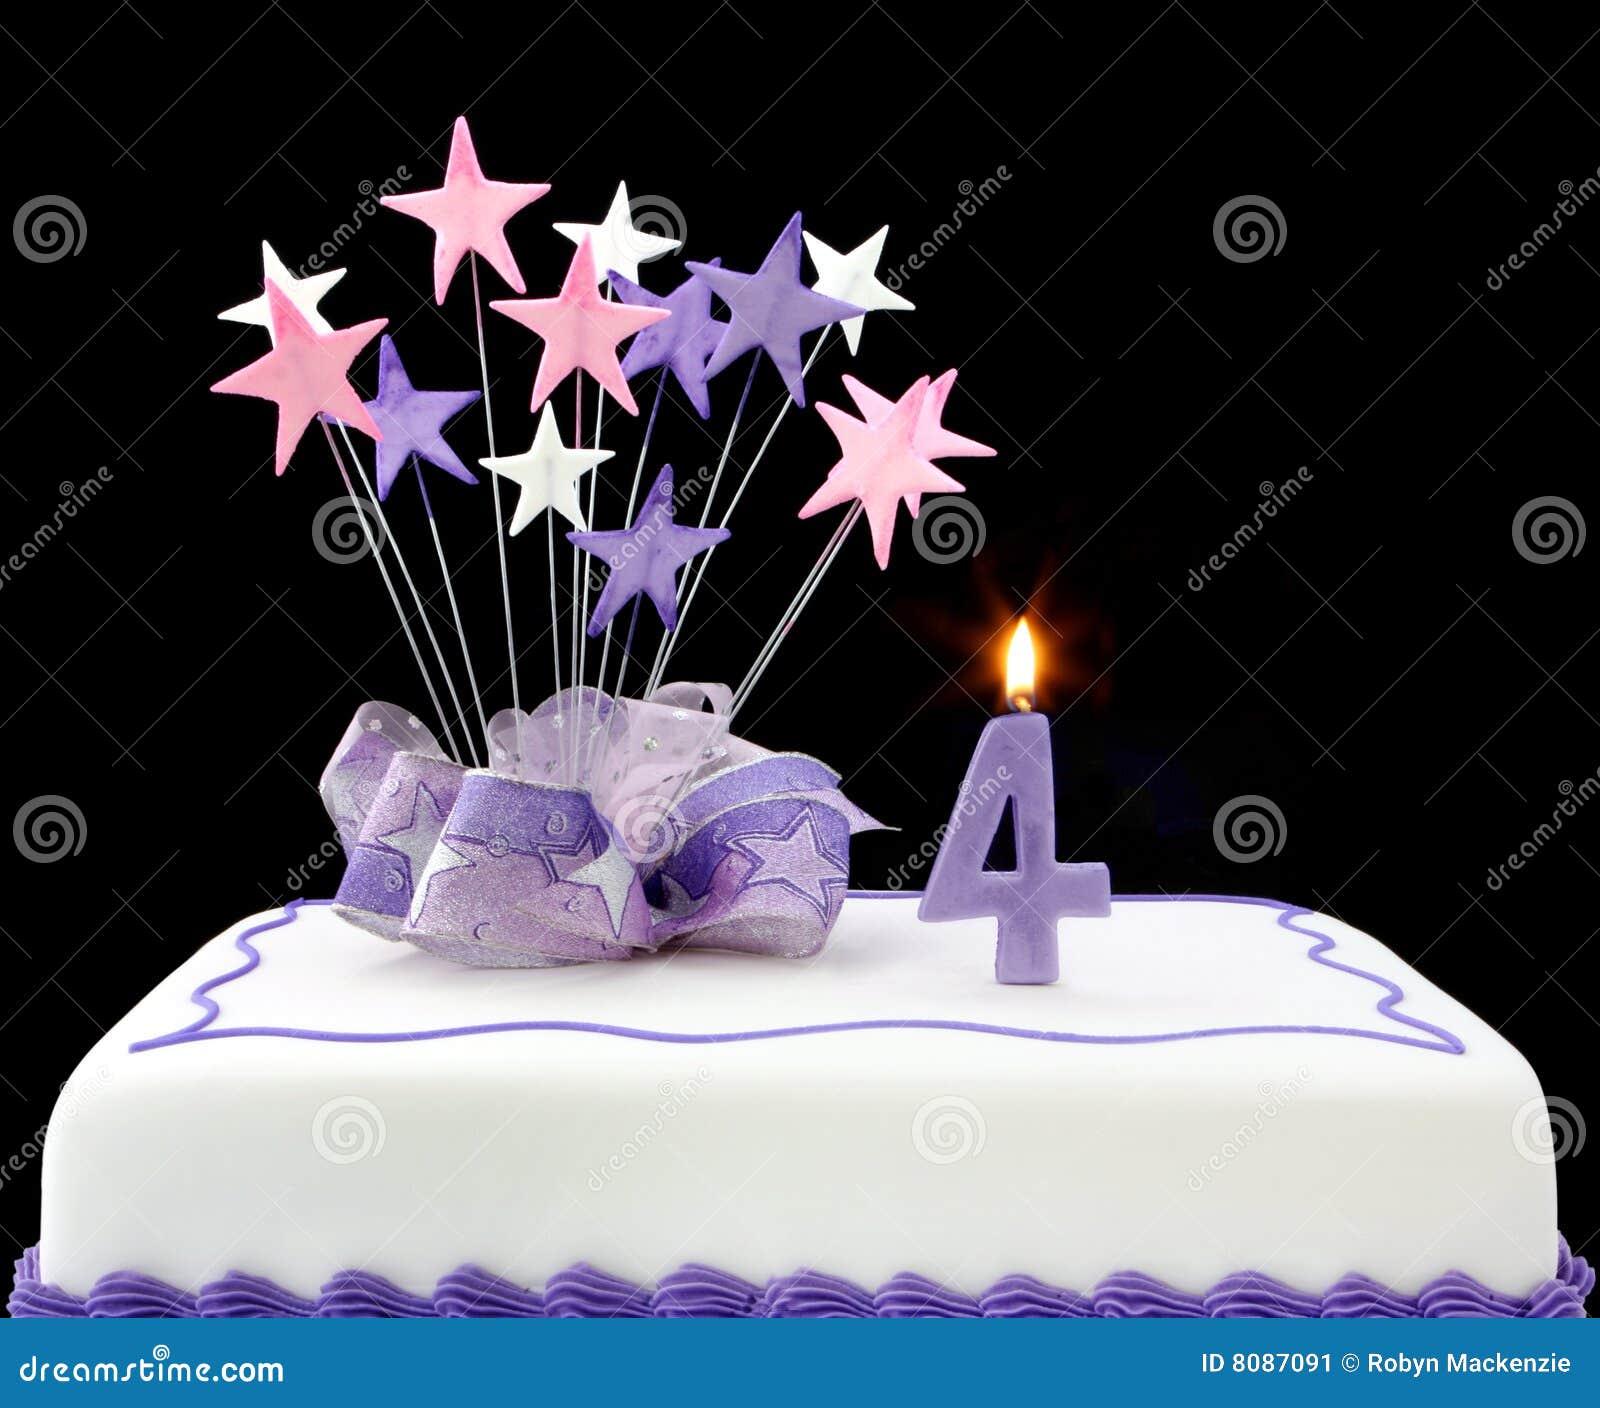 4 Kuchen Stockbild Bild Von Purpurrot Form Zahlen 8087091